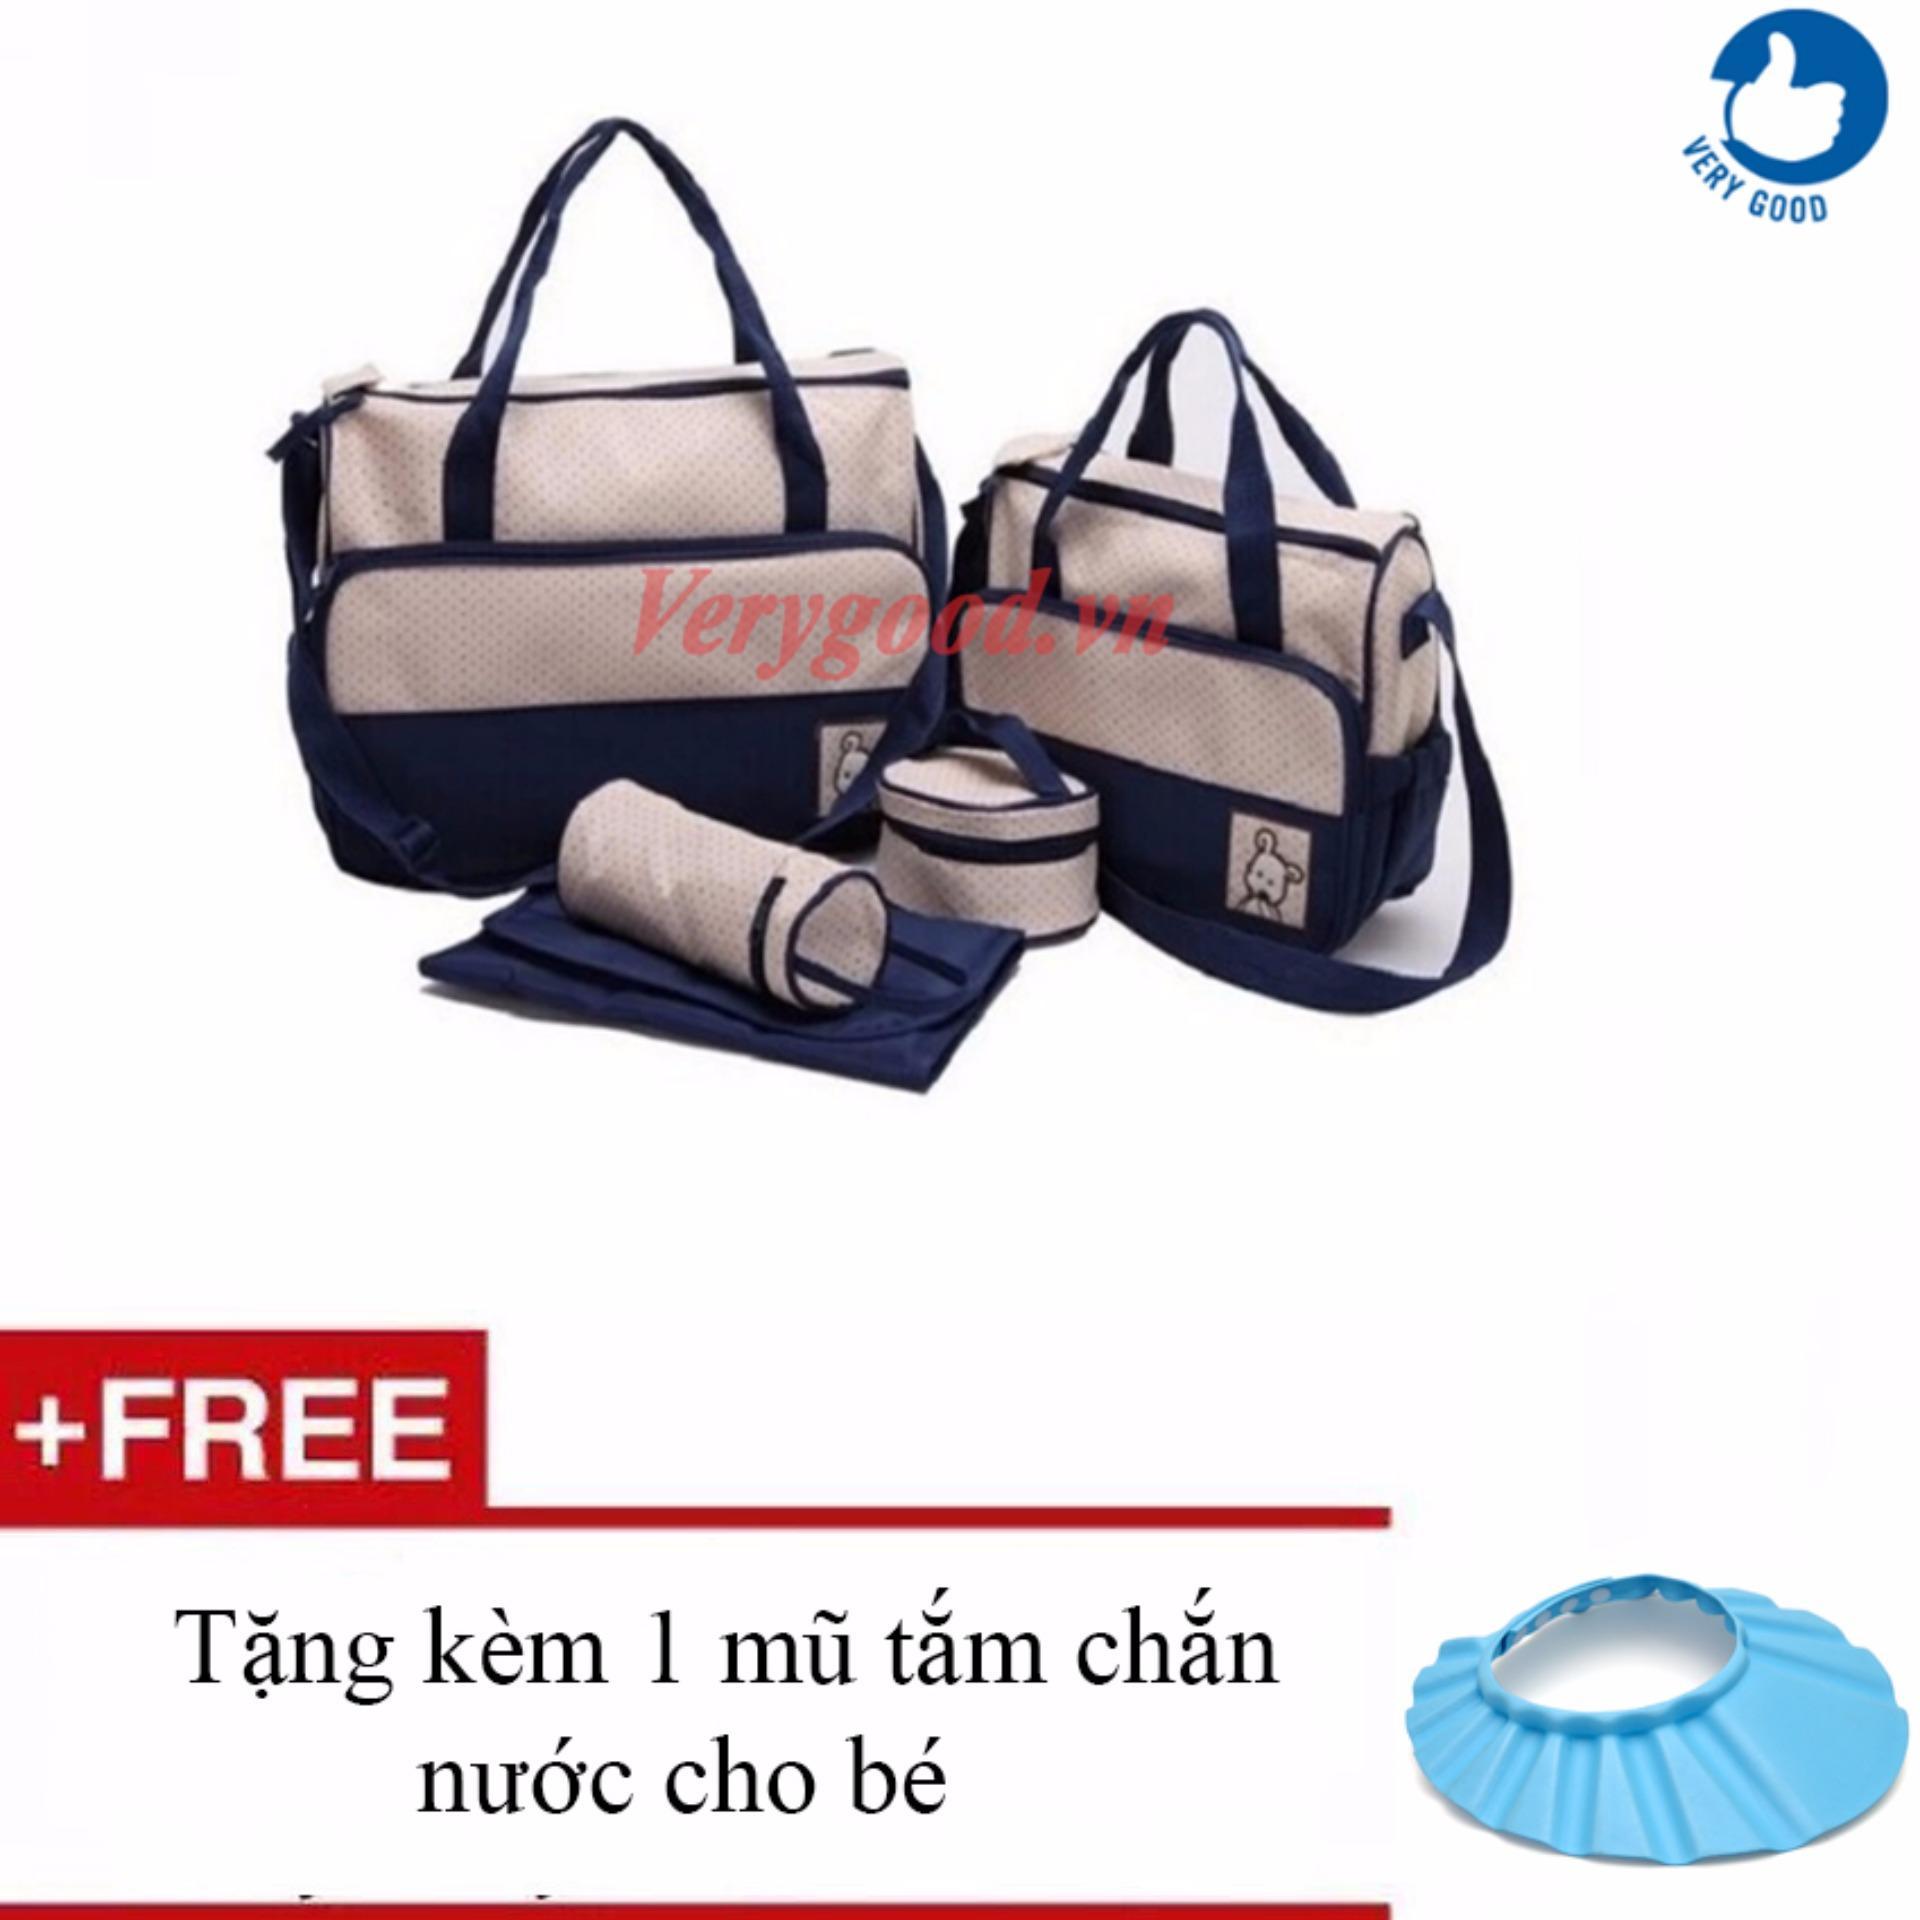 Túi đựng đồ cho mẹ và bé 5 chi tiết (Xanh navy) + Tặng kèm 1 mũ chắn nước cho bé